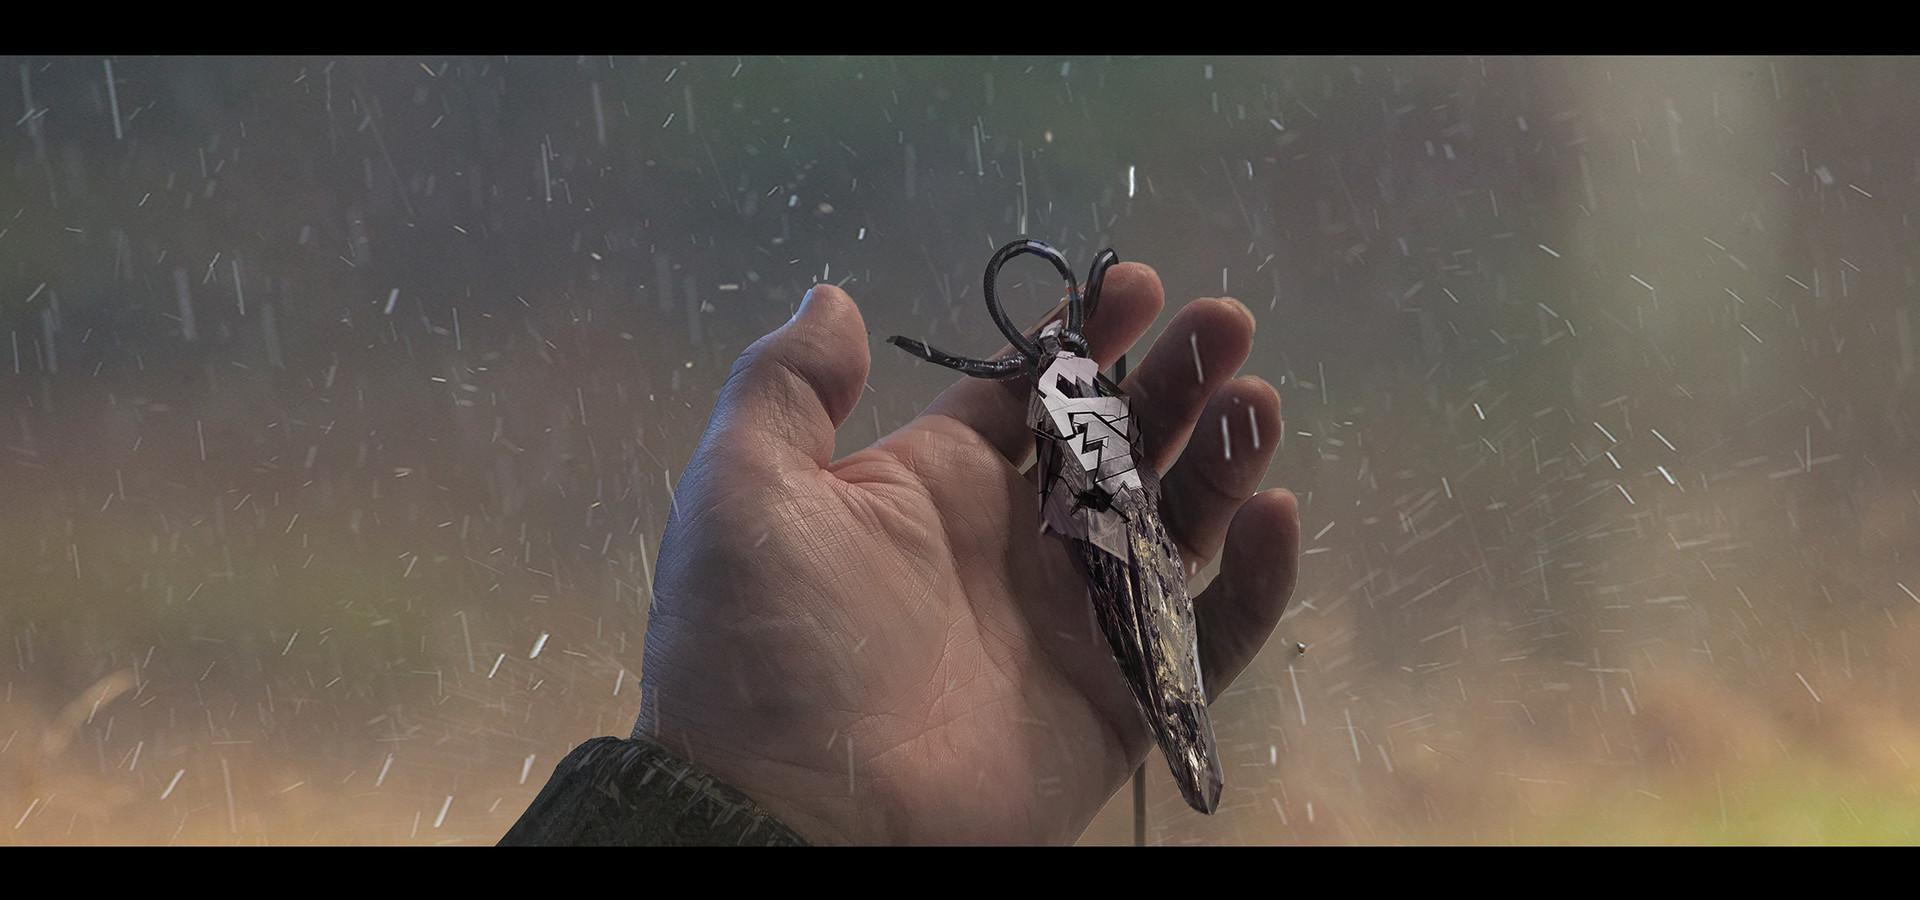 Andrei riabovitchev th amulet v002 003 ar